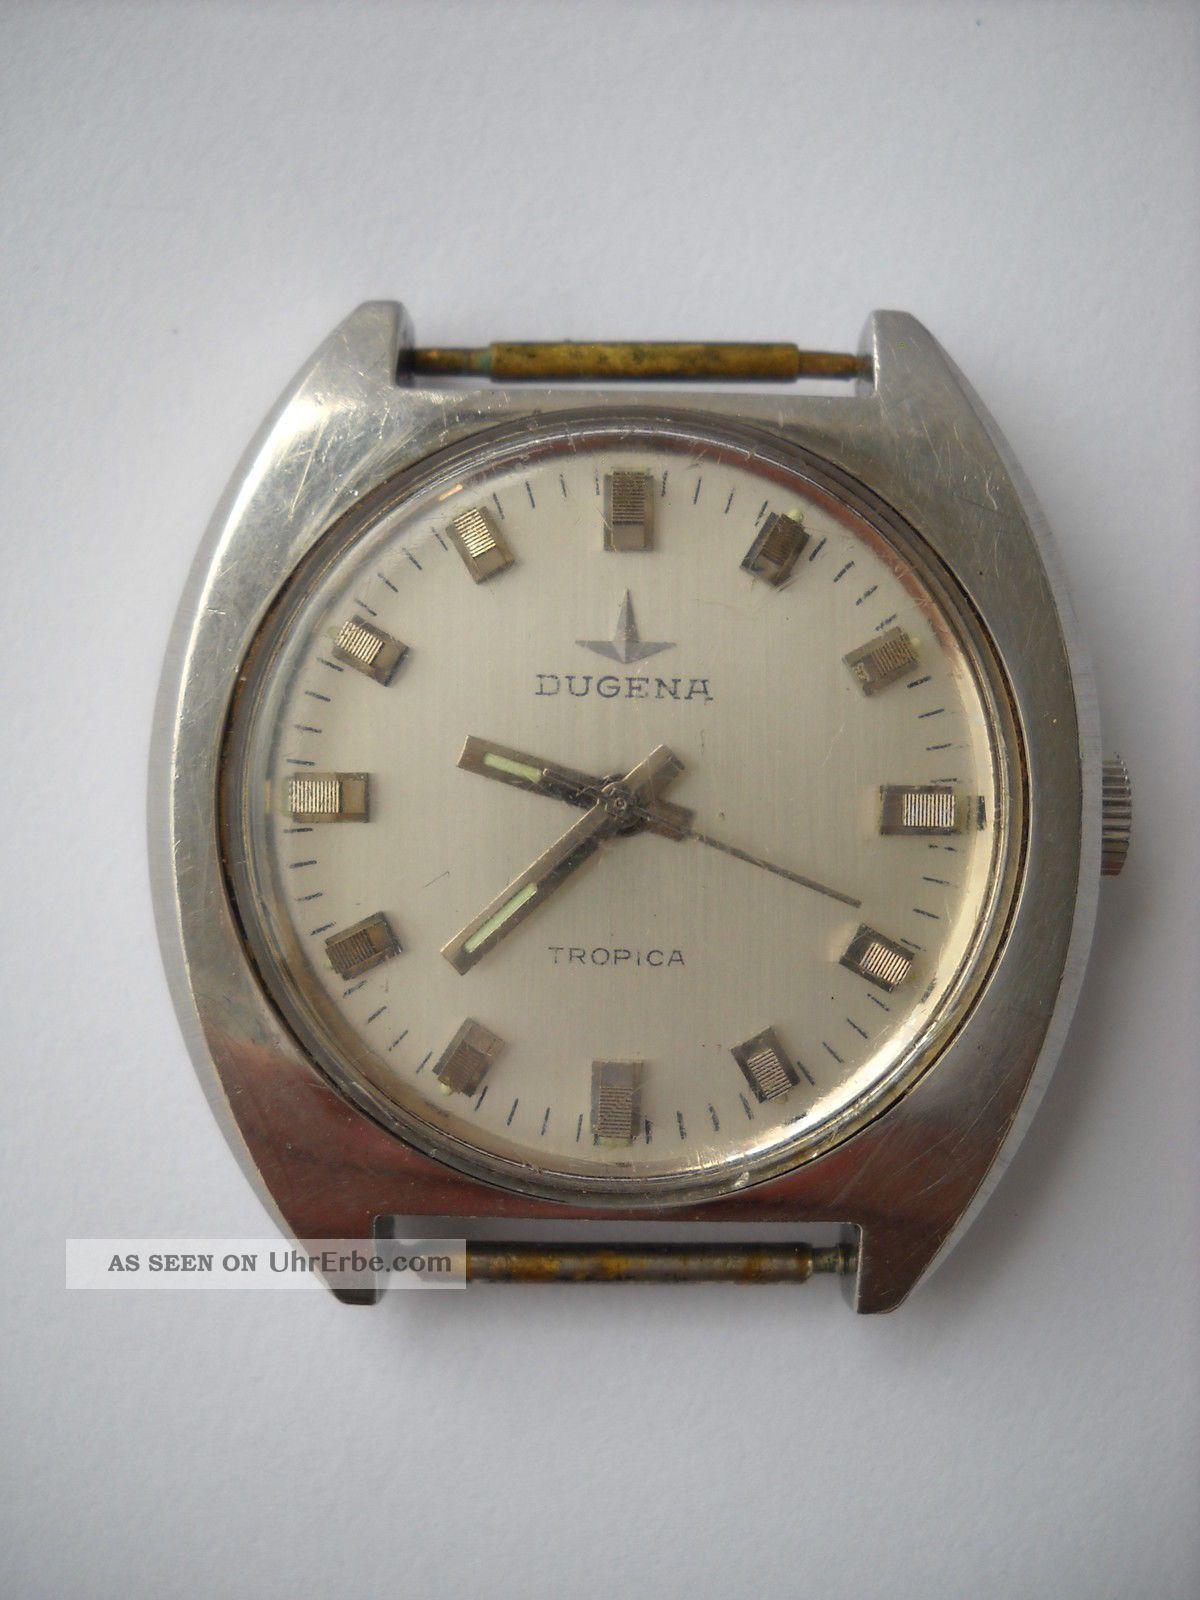 Dugena Tropica,  Armbanduhr,  Handaufzug,  Edelstahl Schraubgehäuse,  Kal.  Eta 2750 Wo Armbanduhren Bild